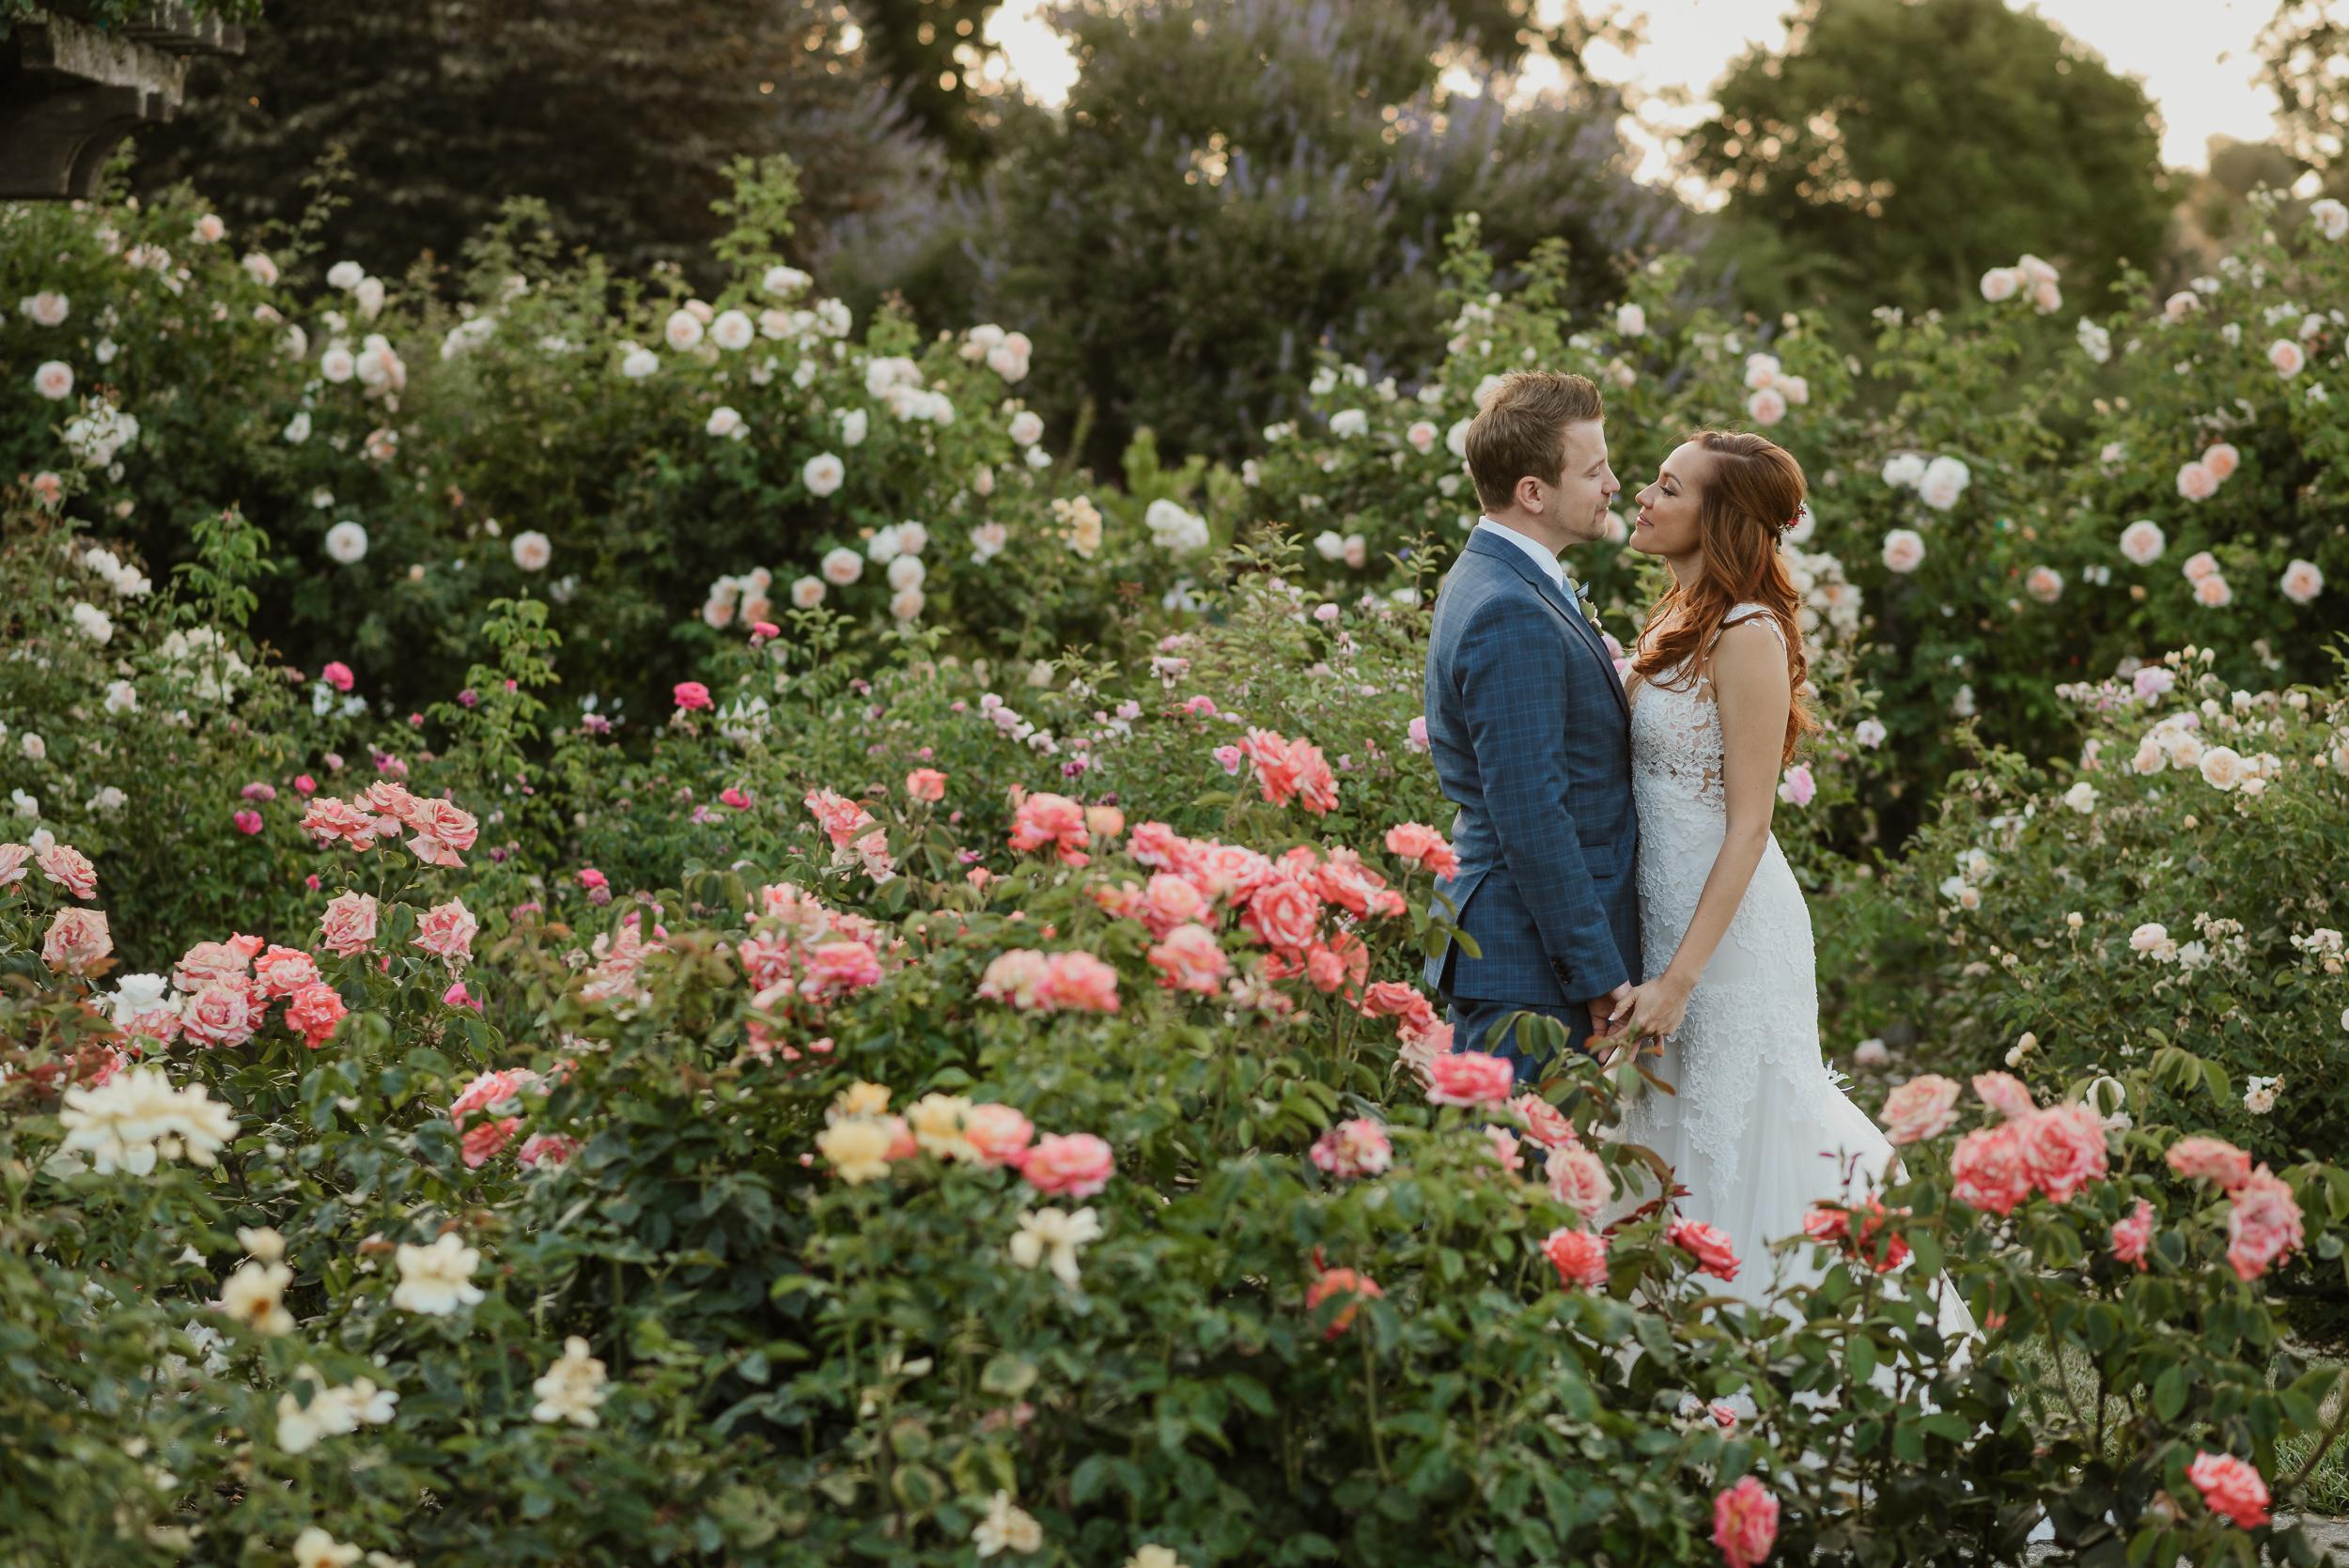 39-walnut-creek-gardens-heather-farms-wedding-vivianchen-472.jpg